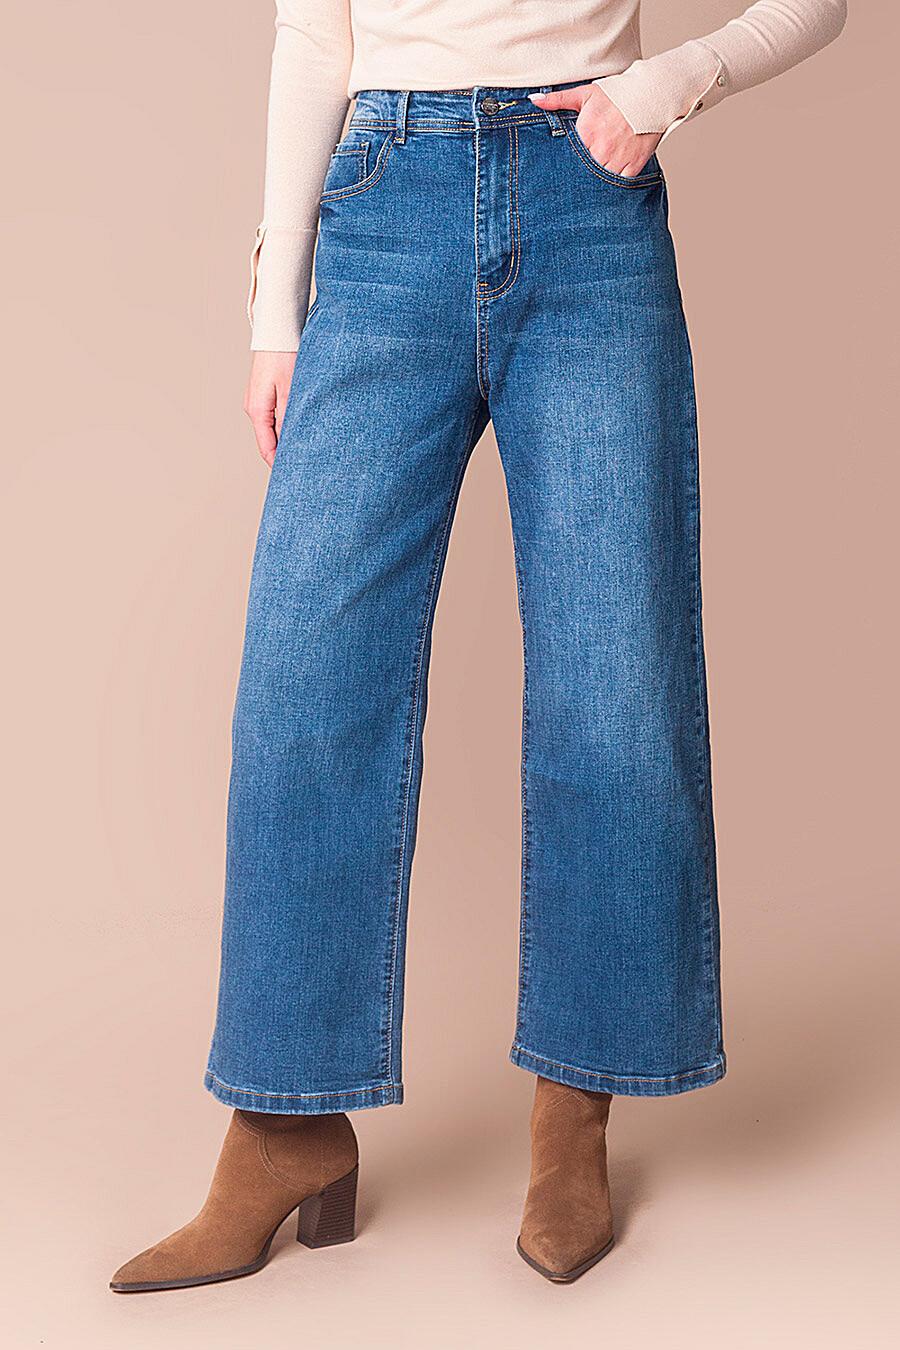 Джинсы для женщин VILATTE 707530 купить оптом от производителя. Совместная покупка женской одежды в OptMoyo